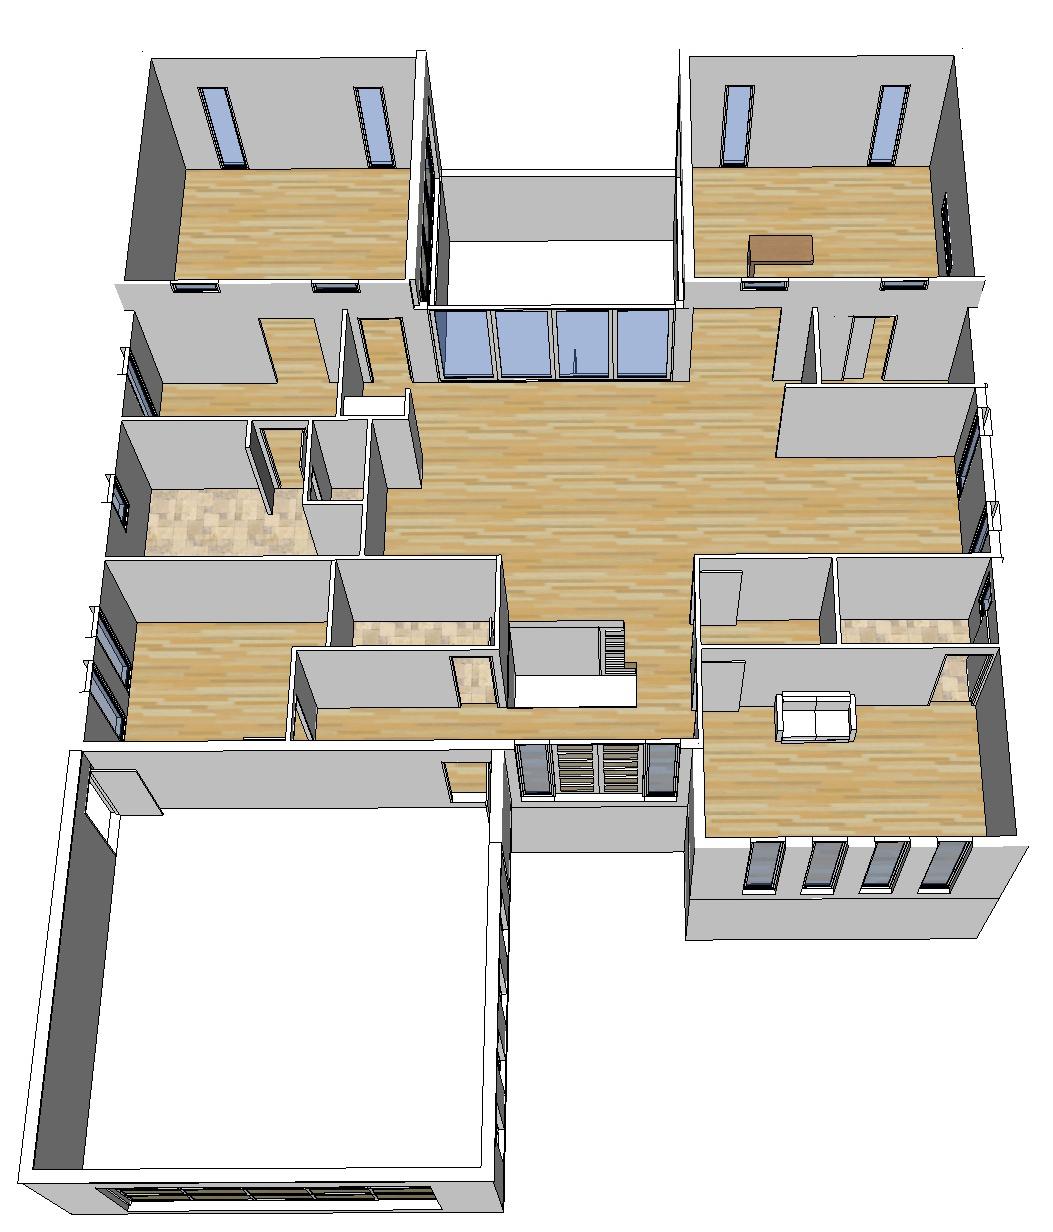 Buy your custom home floor plan design here next for Buy floor plan